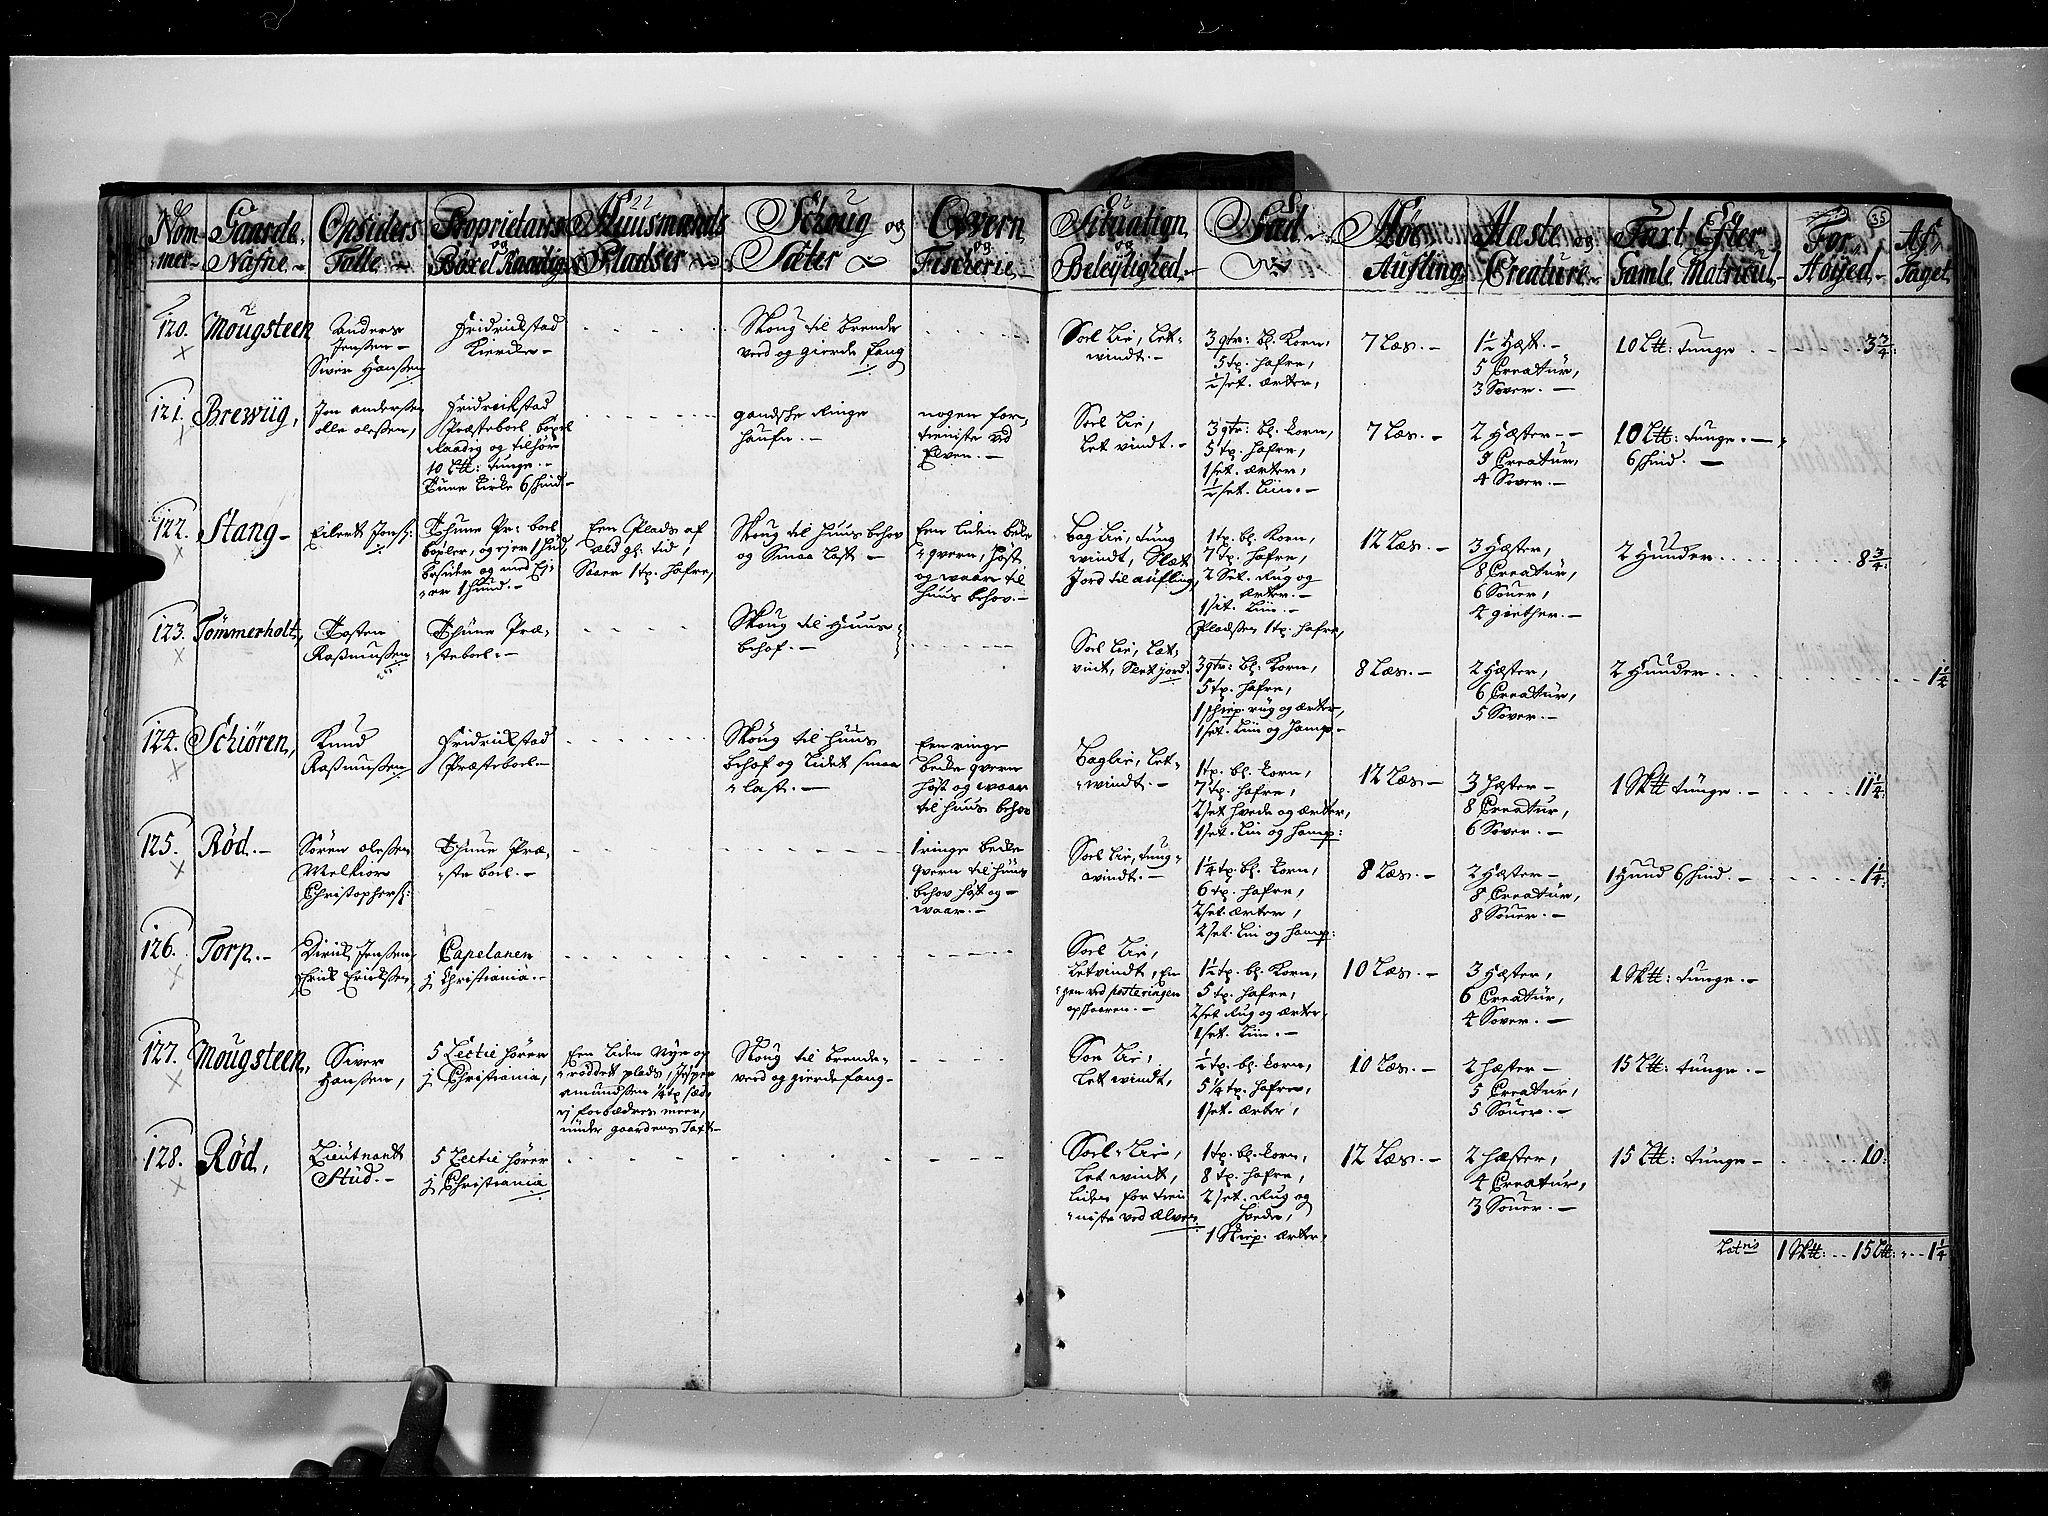 RA, Rentekammeret inntil 1814, Realistisk ordnet avdeling, N/Nb/Nbf/L0095: Moss, Onsøy, Tune og Veme eksaminasjonsprotokoll, 1723, s. 34b-35a